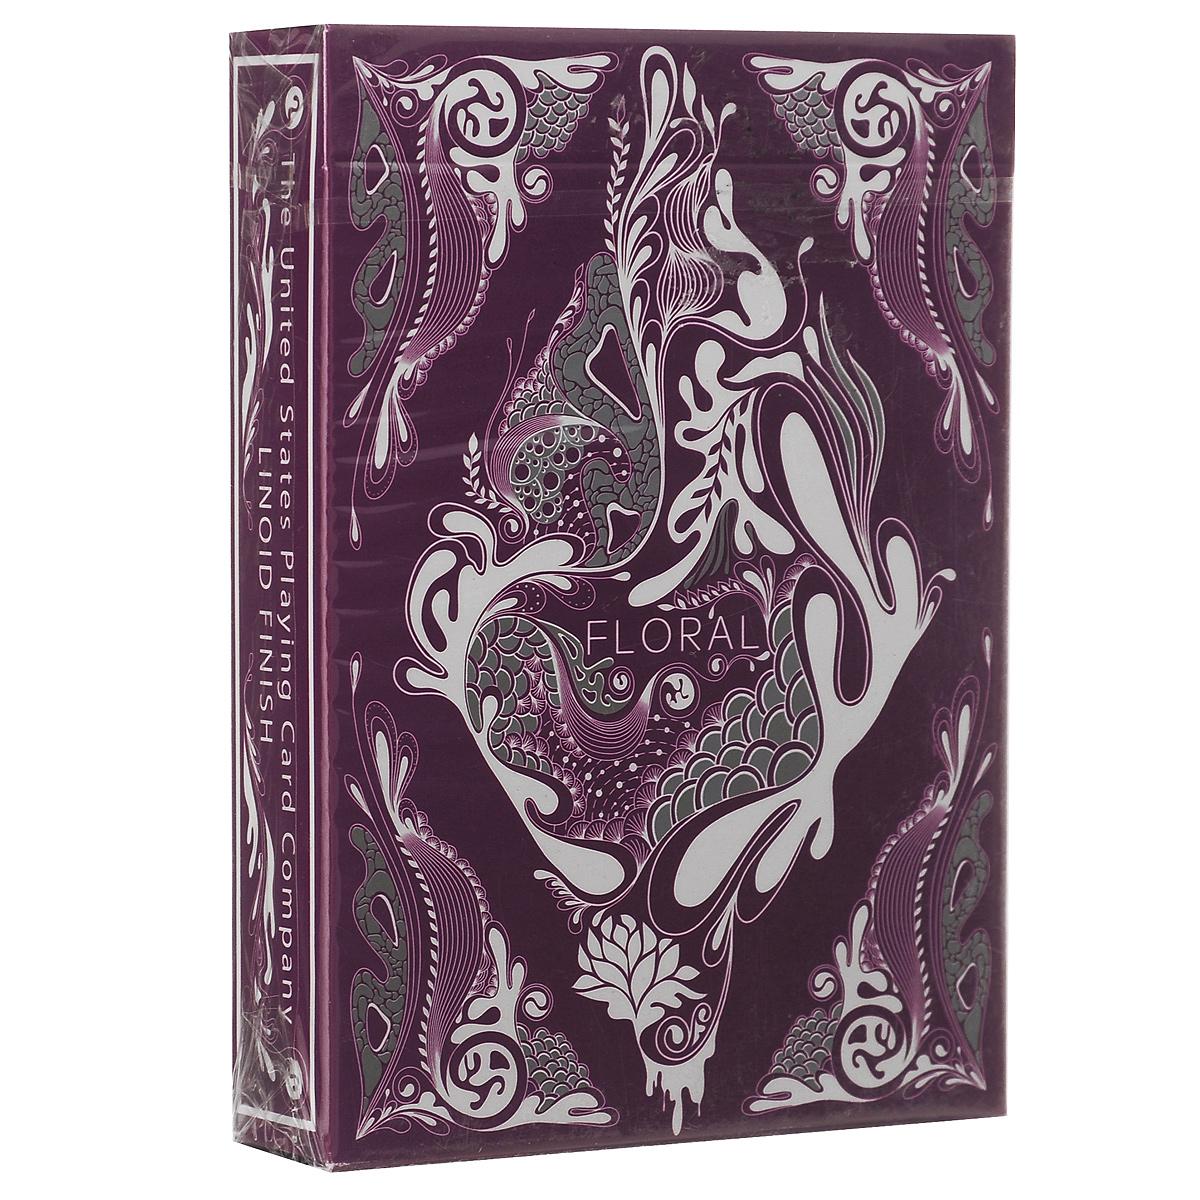 Игральные карты Aloy Design Studio Цветочная колода, цвет: фиолетовыйК-315Цветочная колода от молодого иллюстратора Aloys Design Studio Иоланды. Это оригинальное произведение искусства, на дизайн было потрачено 1800 часов. Металлические чернила на коробке, рубашках и лицах.